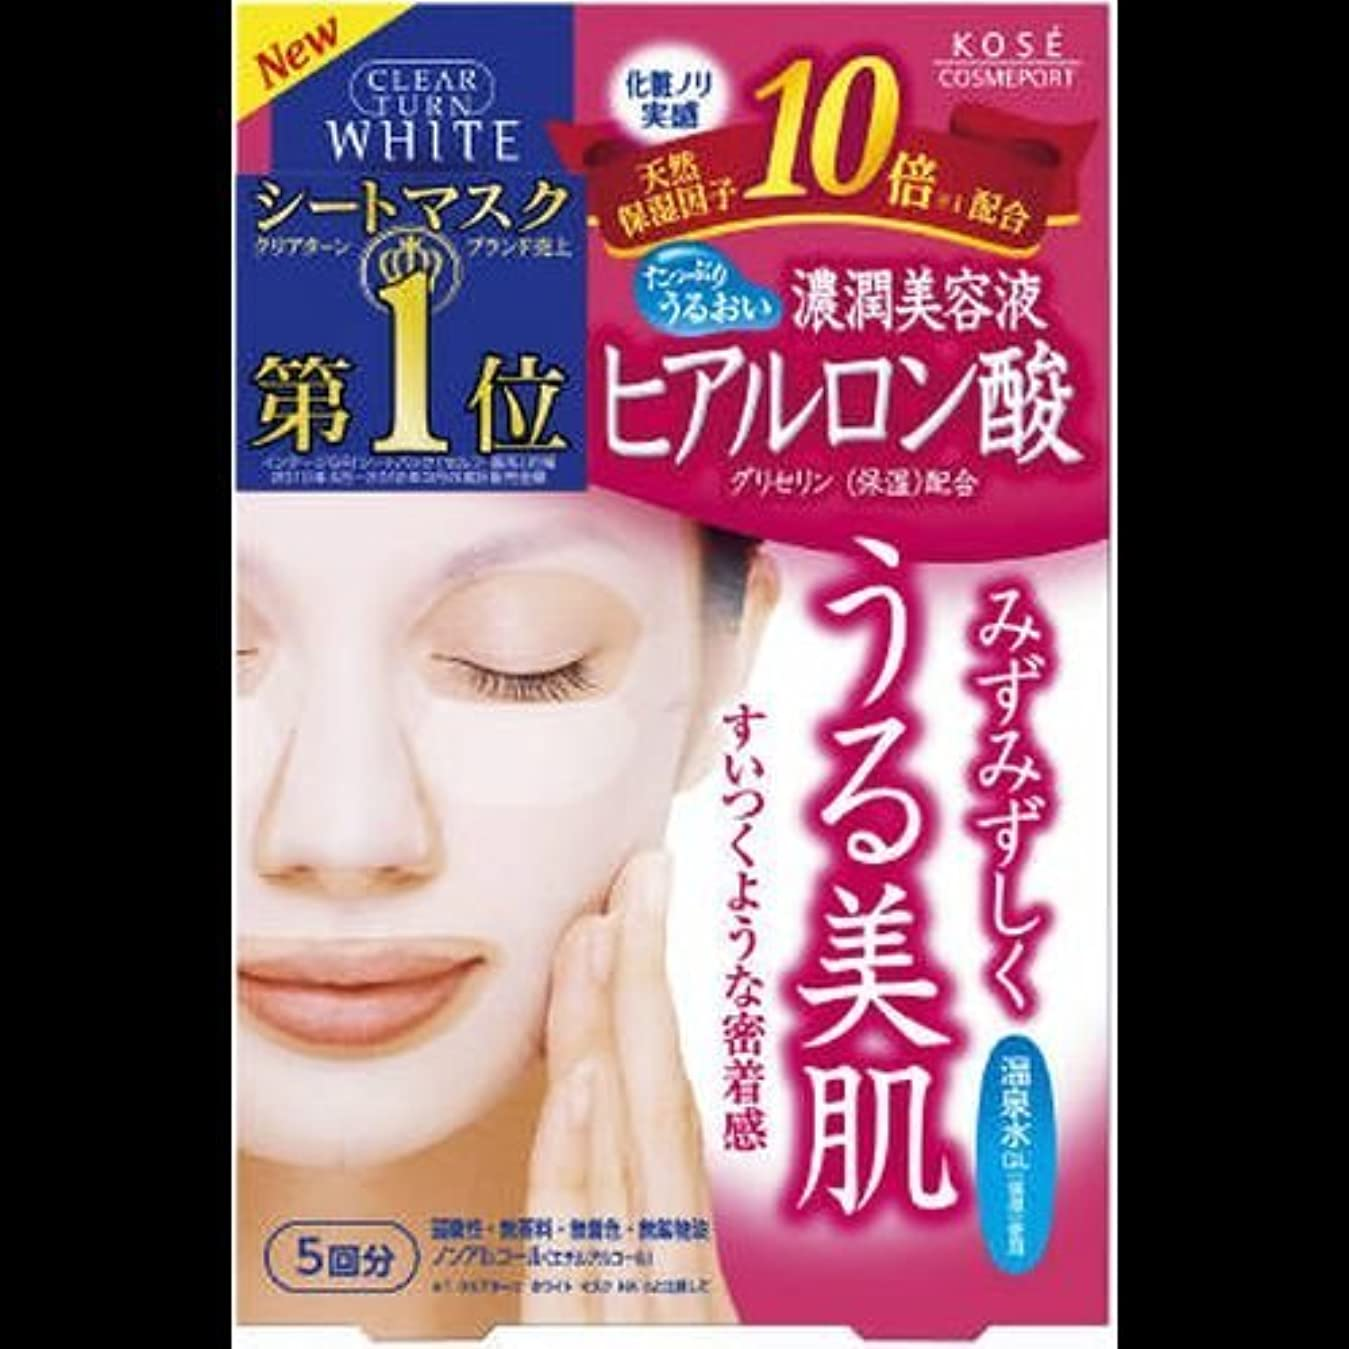 コークスモットー血まみれのクリアターン ホワイトマスク ヒアルロン酸 5回分 ×2セット